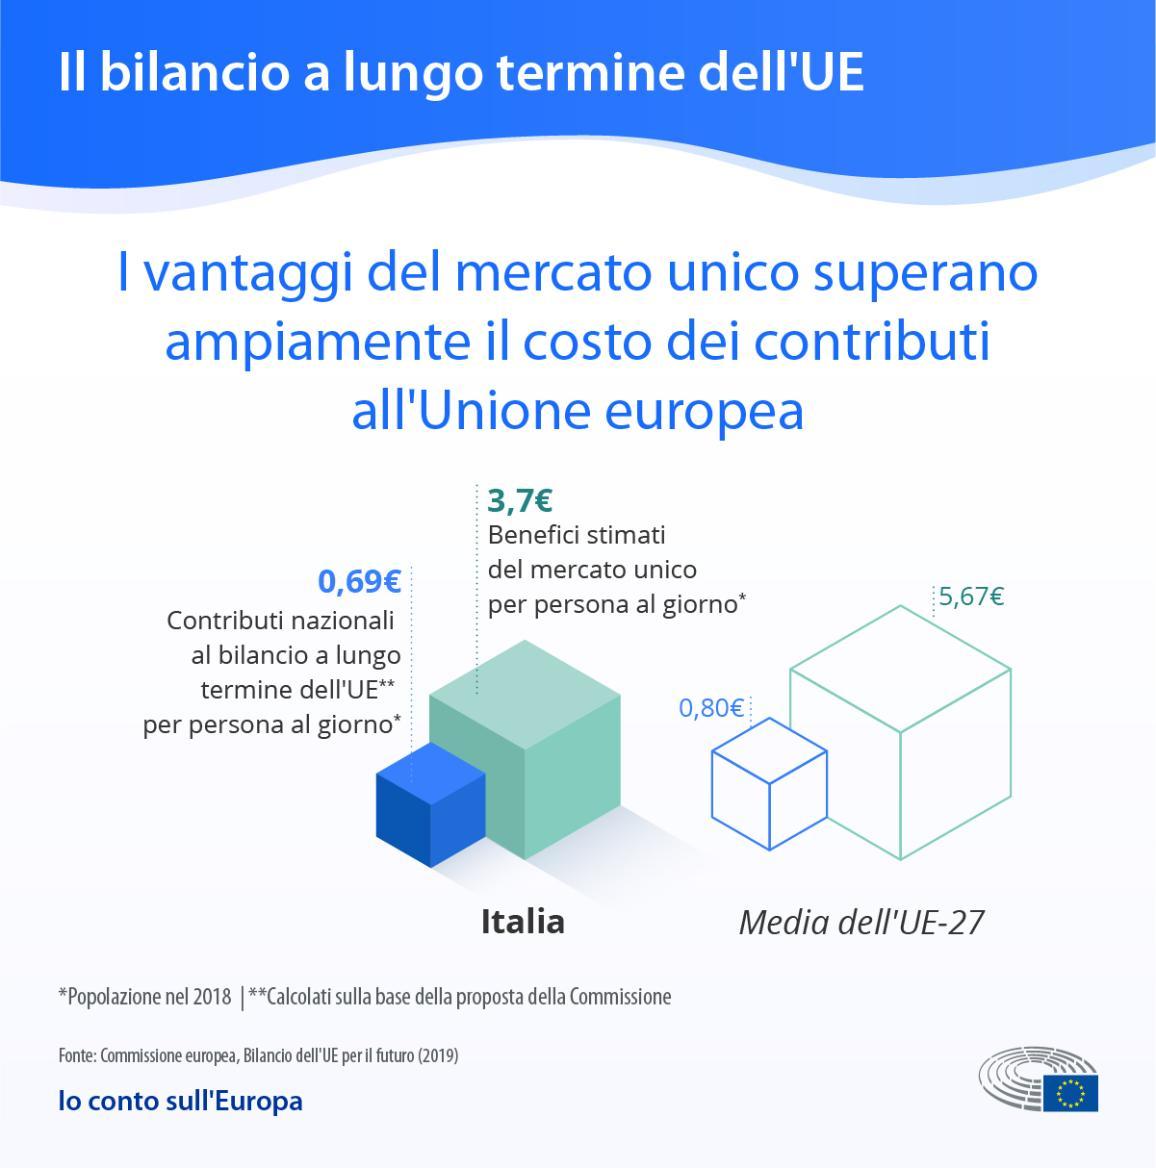 Nell'infografica sono presenti due dati relativi all'Italia: 0,67 euro, il contributo al bilancio per persona al giorno, e 3,7 euro, il beneficio per ciascuna persona in media all'al giorno.